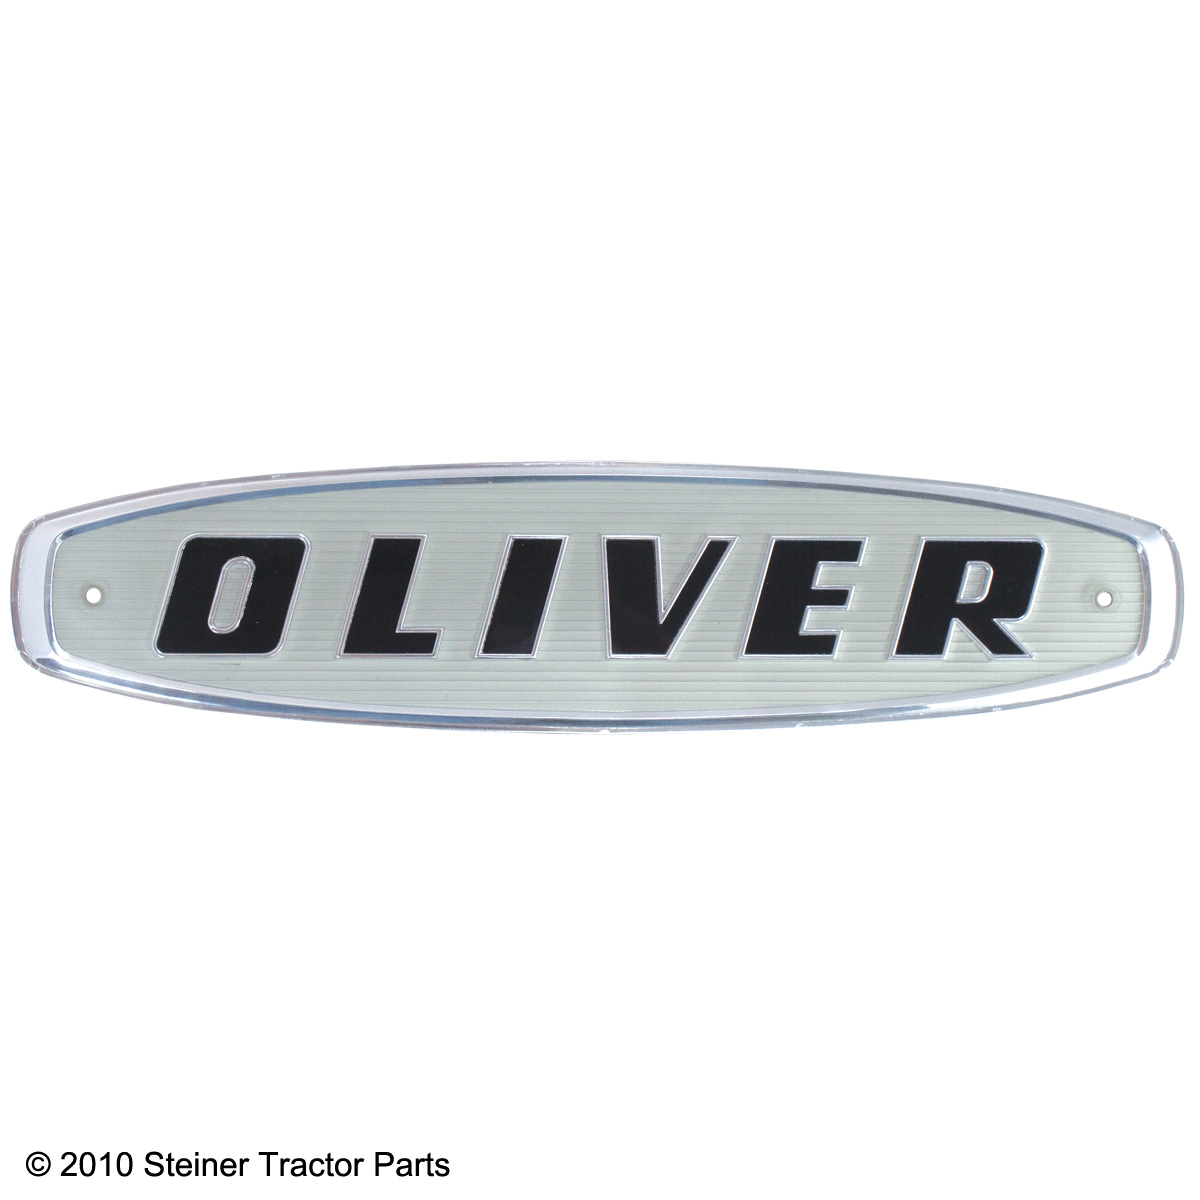 Front Emblem - Oliver 550, 770, 880, 950, 990 and 995